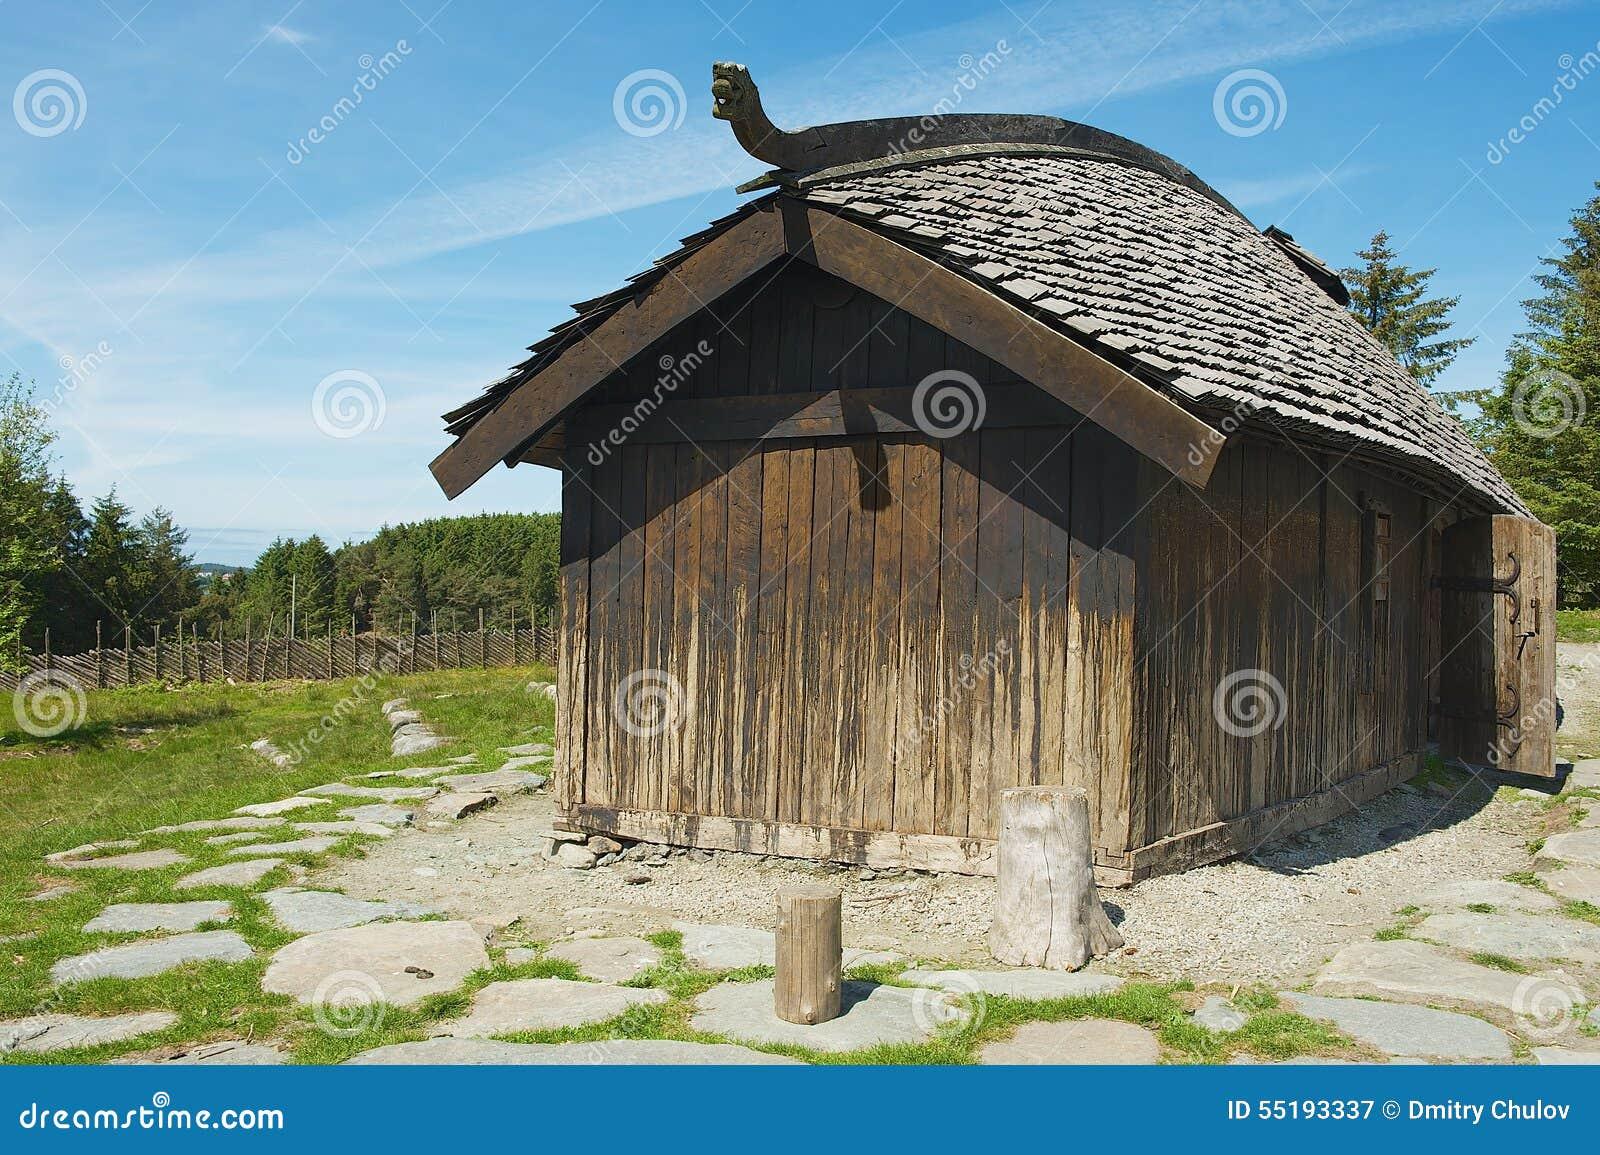 Buitenkant van het opnieuw opgebouwde traditionele viking huis in kamroy noorwegen redactionele - Huis buitenkant ...